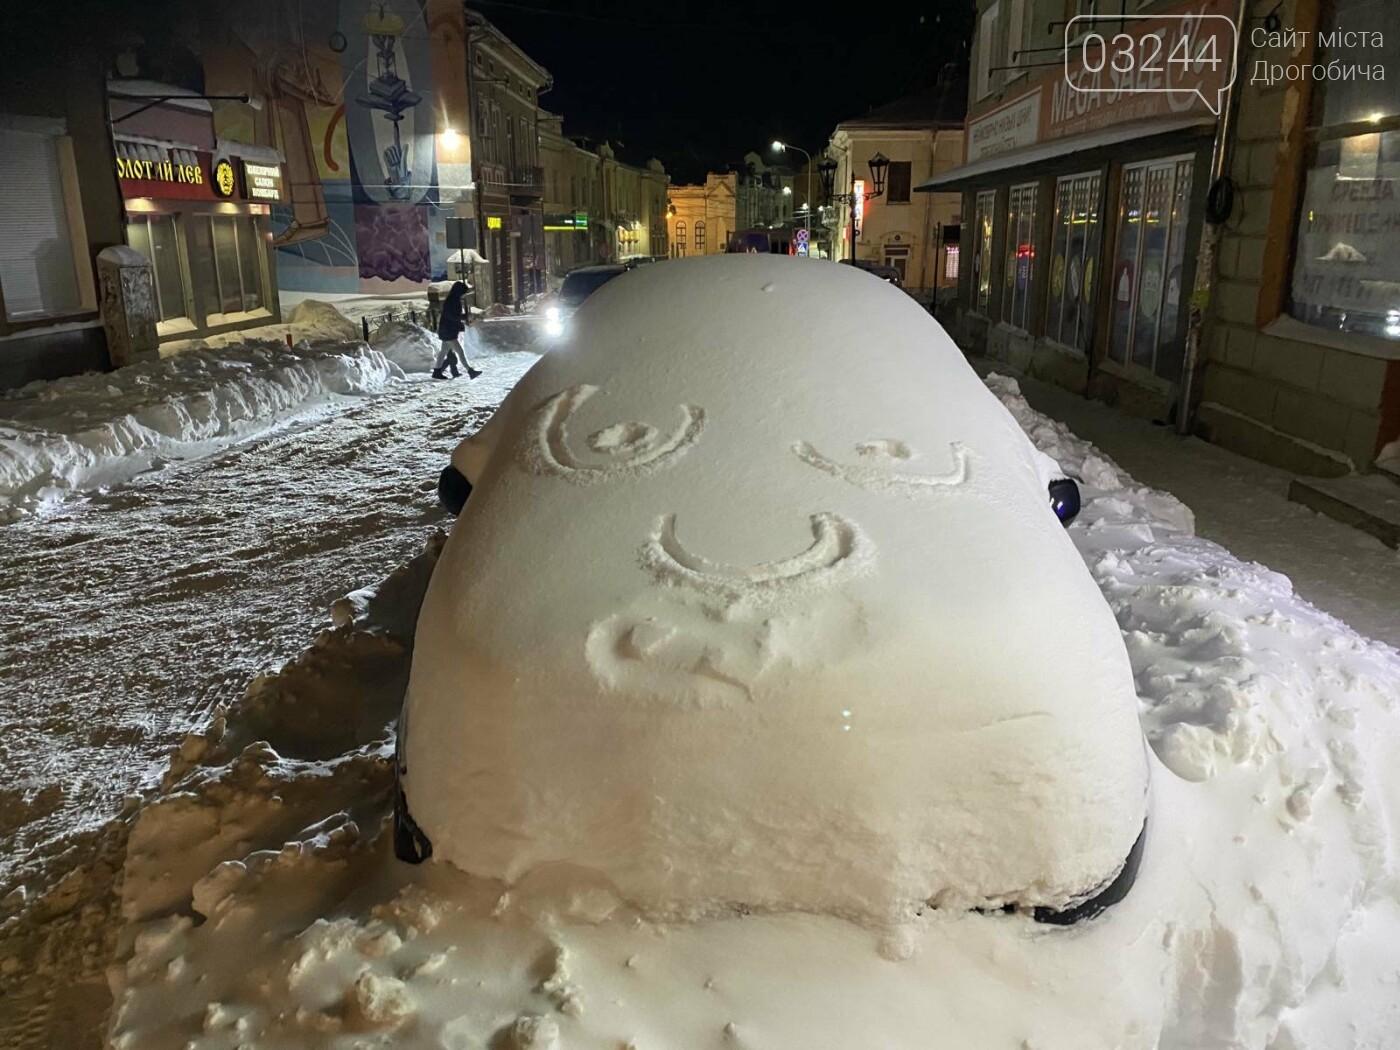 Притрусило: негода перетворила автівки, які не виїжджали кілька днів, на снігові кургани, - ФОТОРЕПОРТАЖ, фото-11